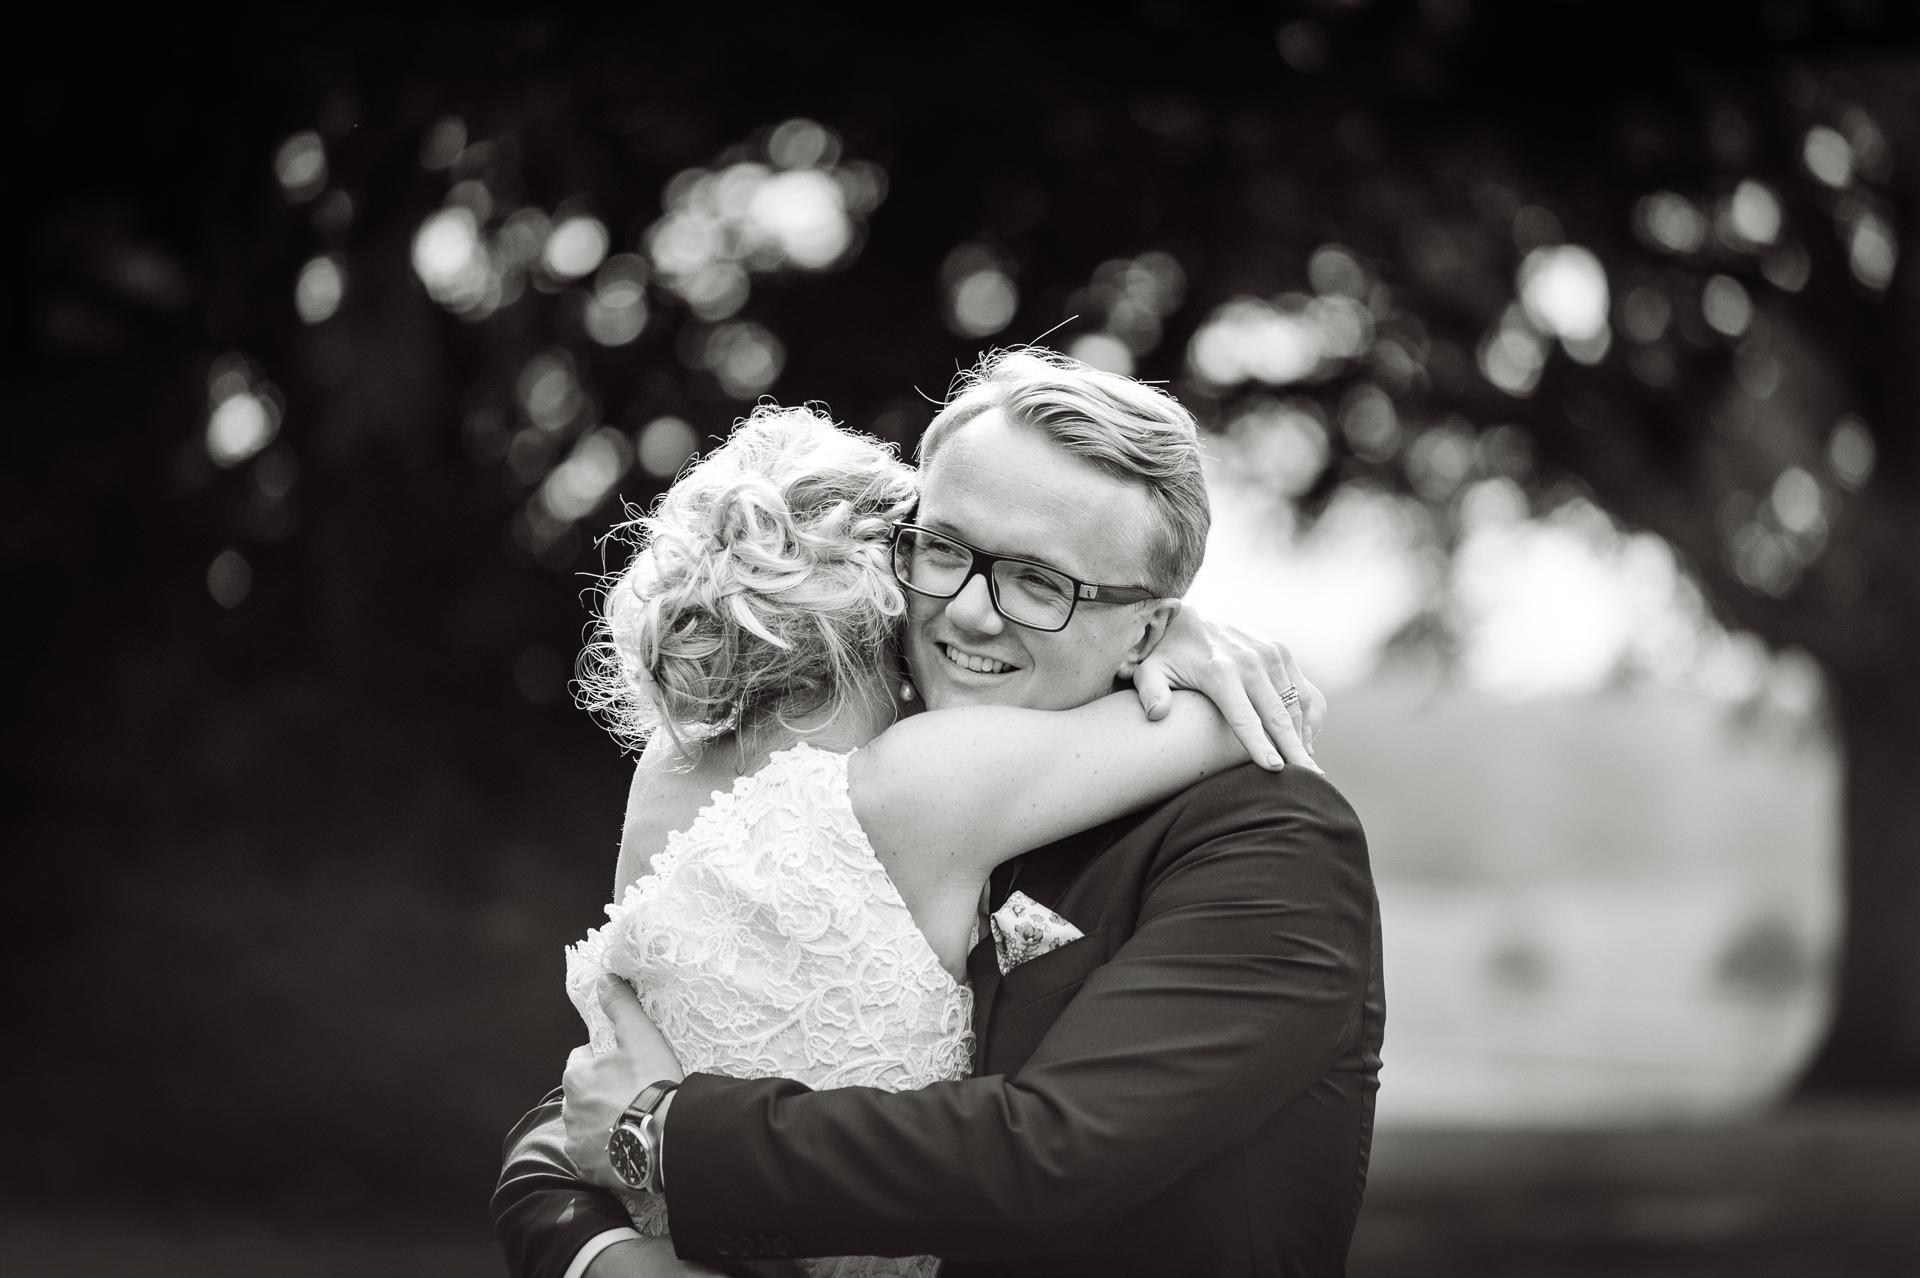 bryllup-wedding-jomfruens-egede-AK-Christian_45